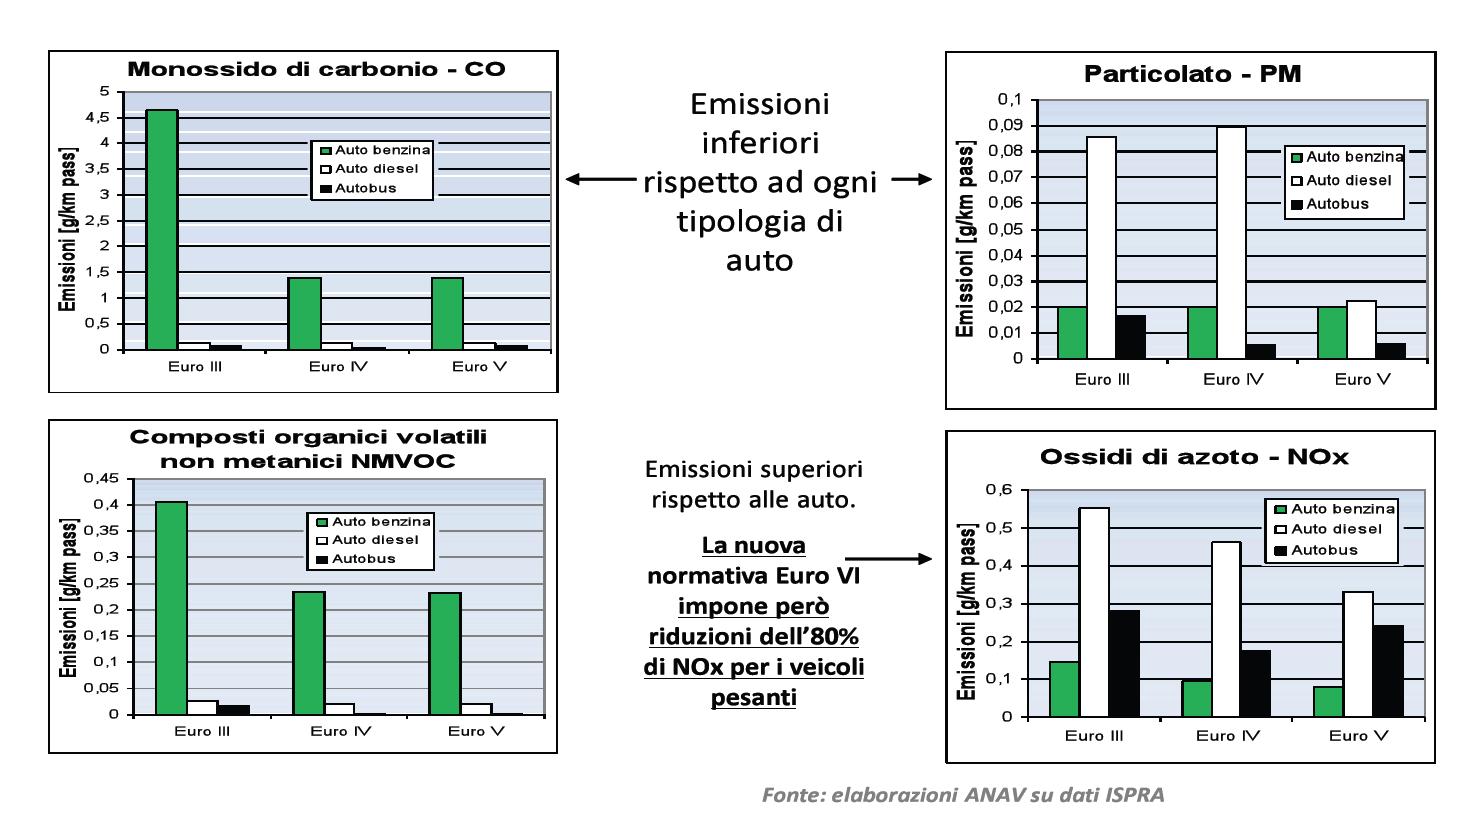 L'autobus ha un basso impatto ambientale